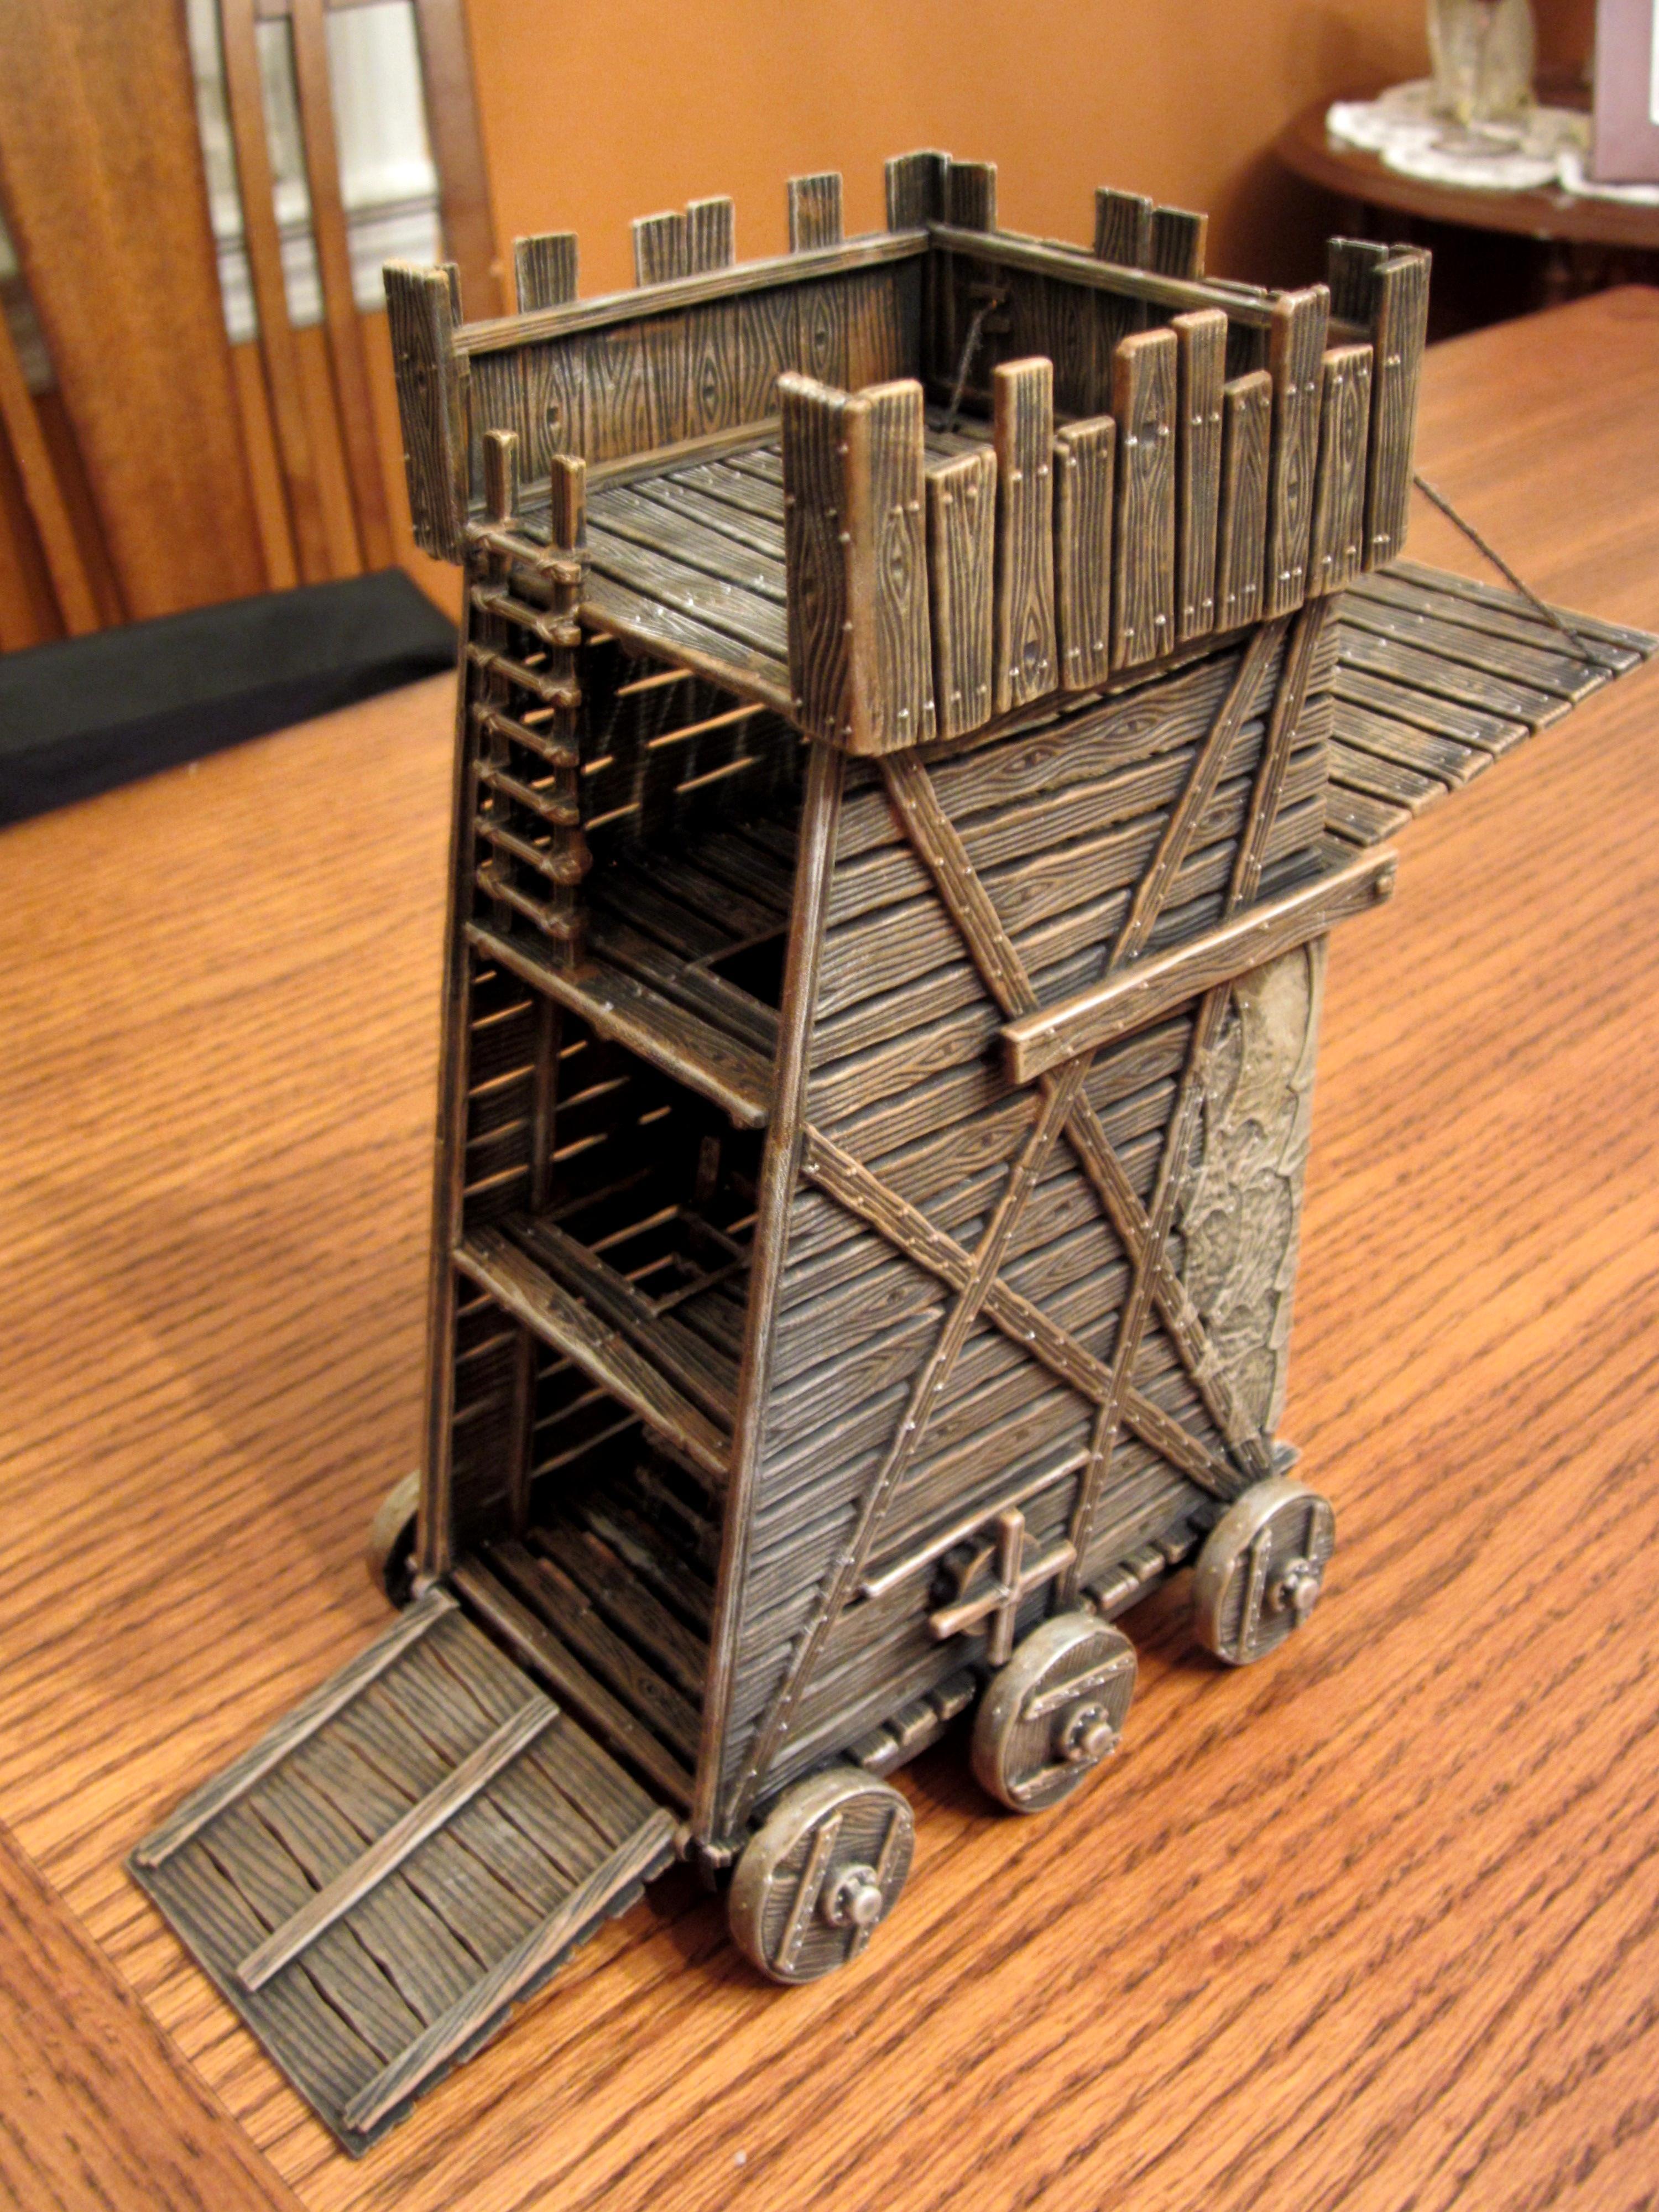 Warhammer Fantasy, Warhammer siege tower #1